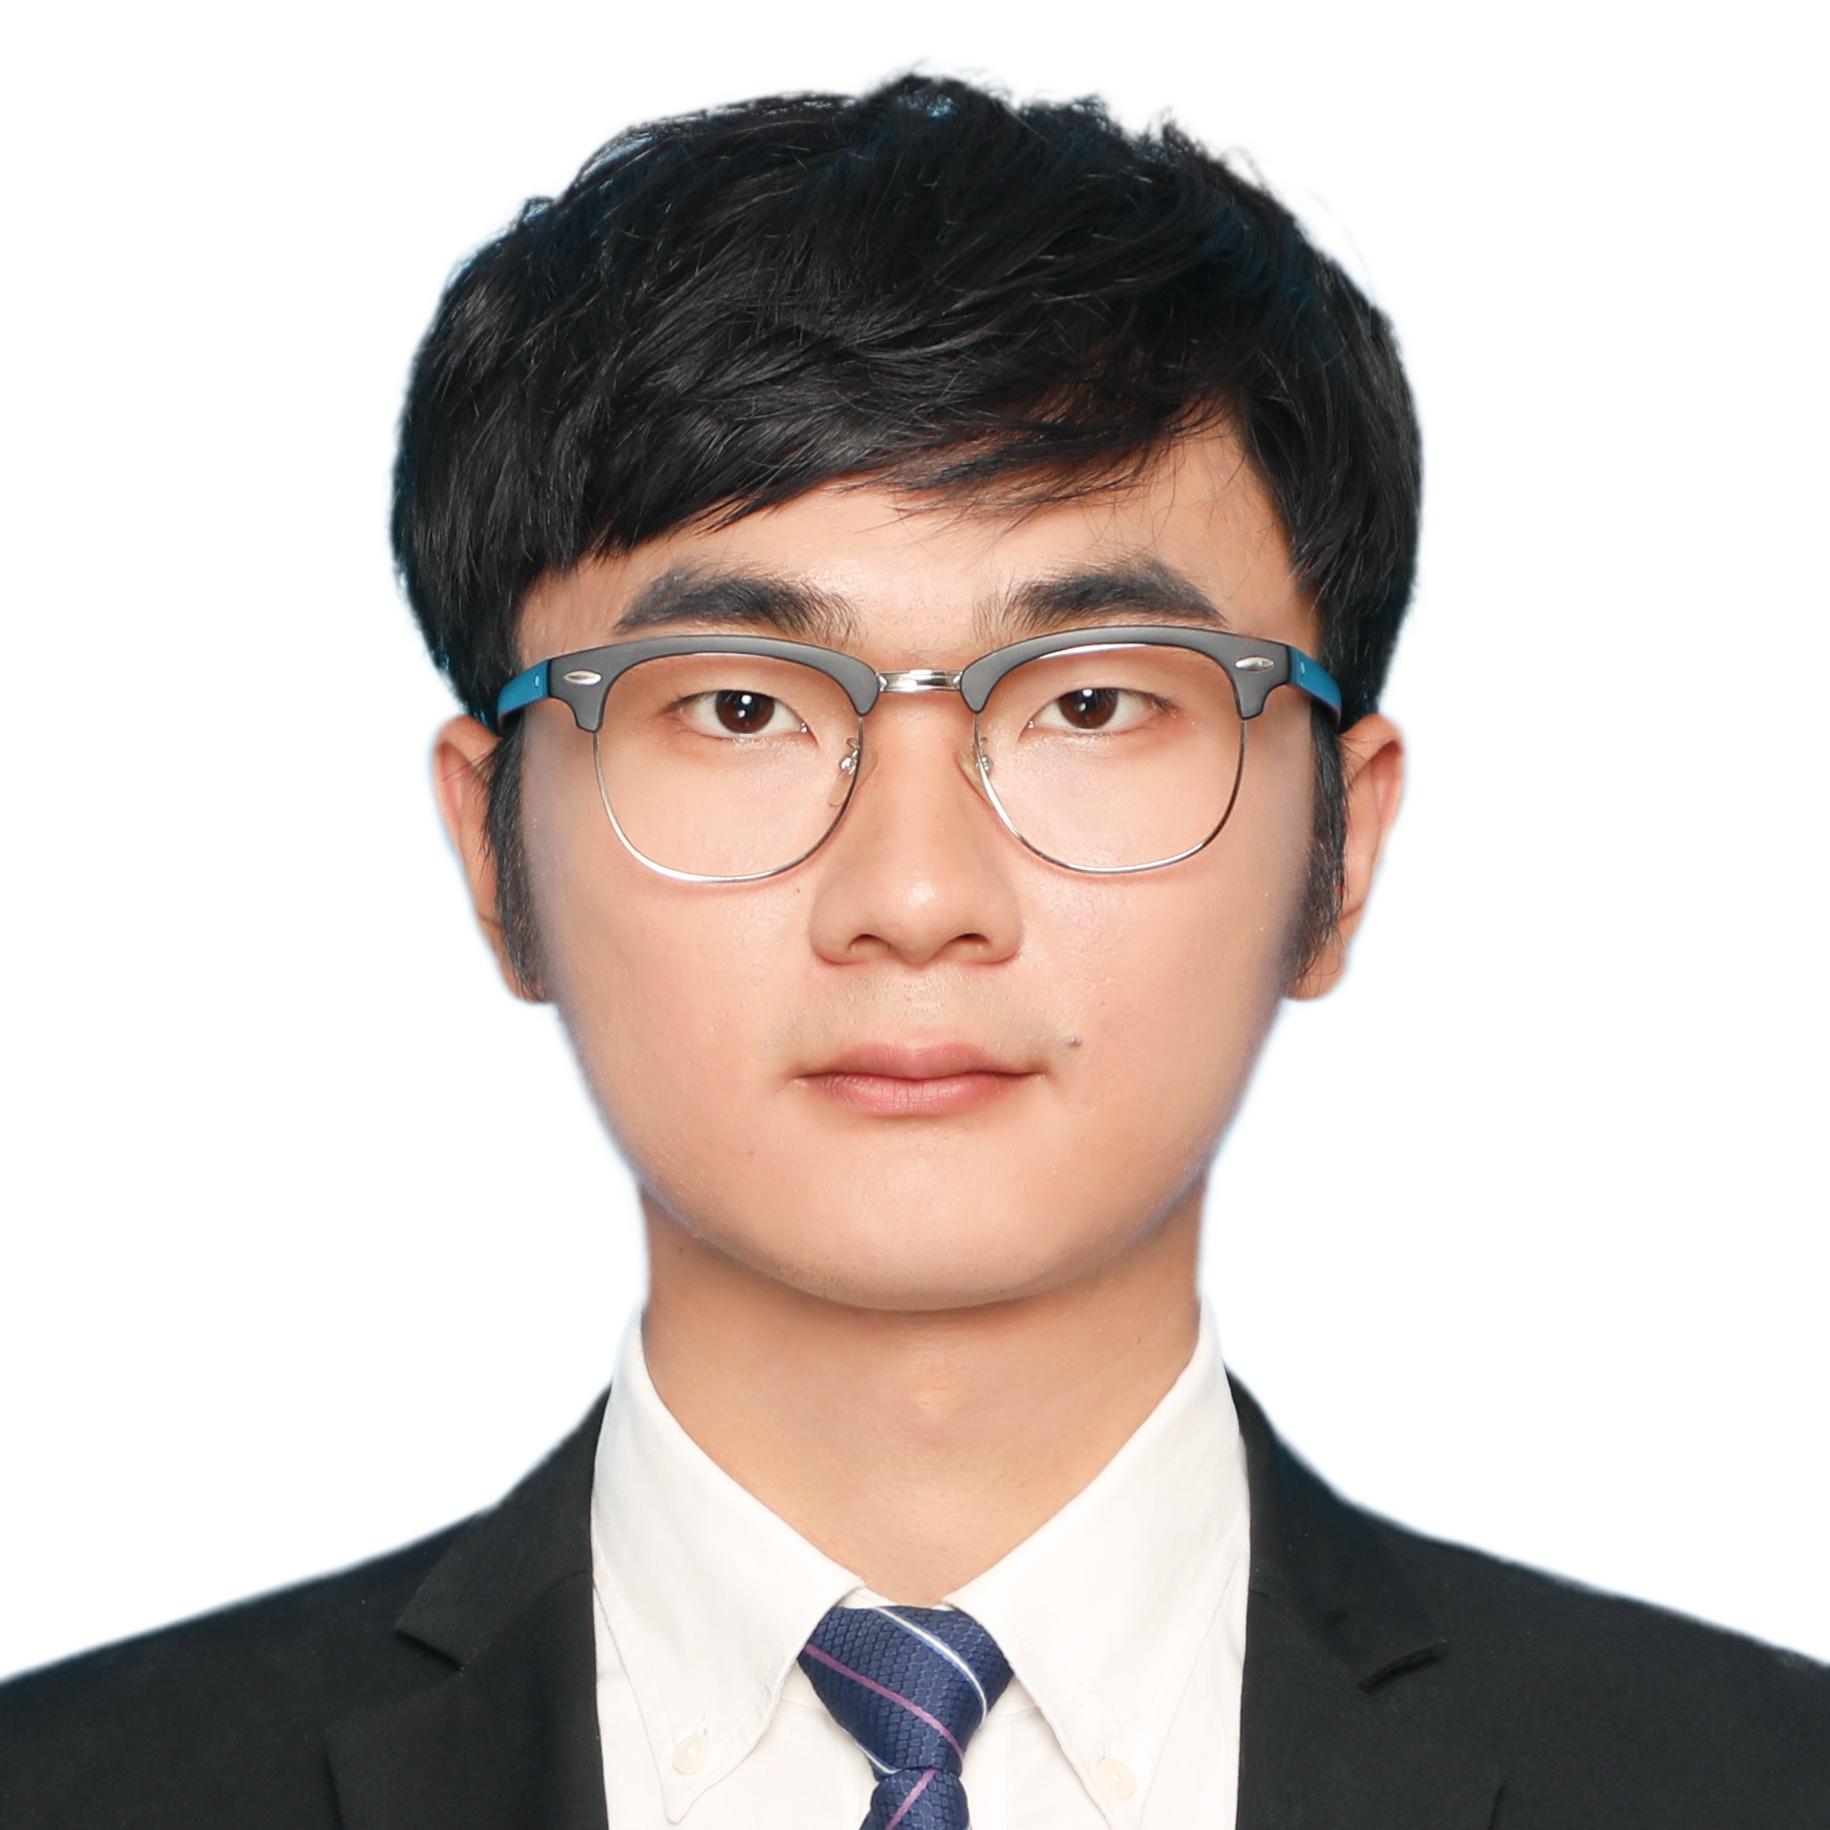 合肥家教蒋教员